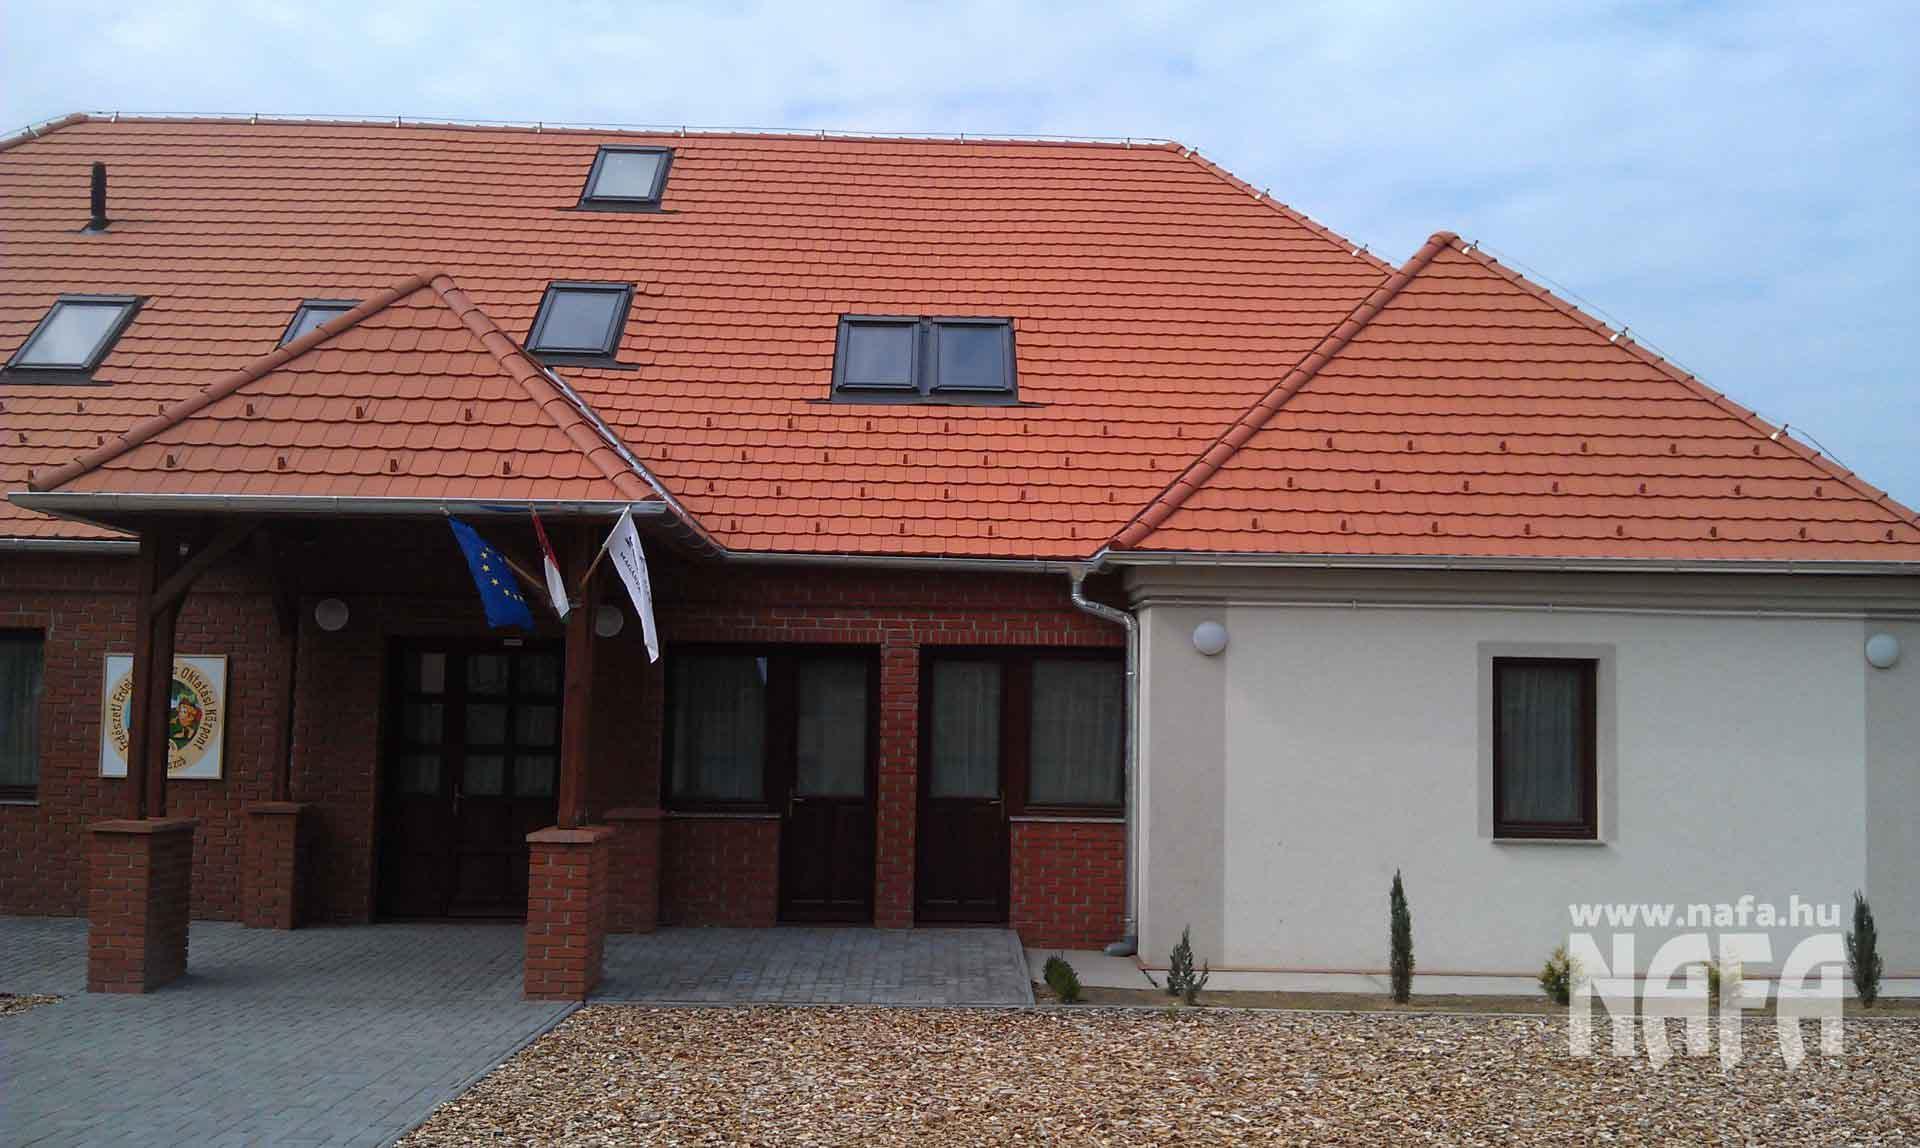 Fa nyílászárók, egyedi festett ablakok és bejáratiajtók, Somogyszob Iskola